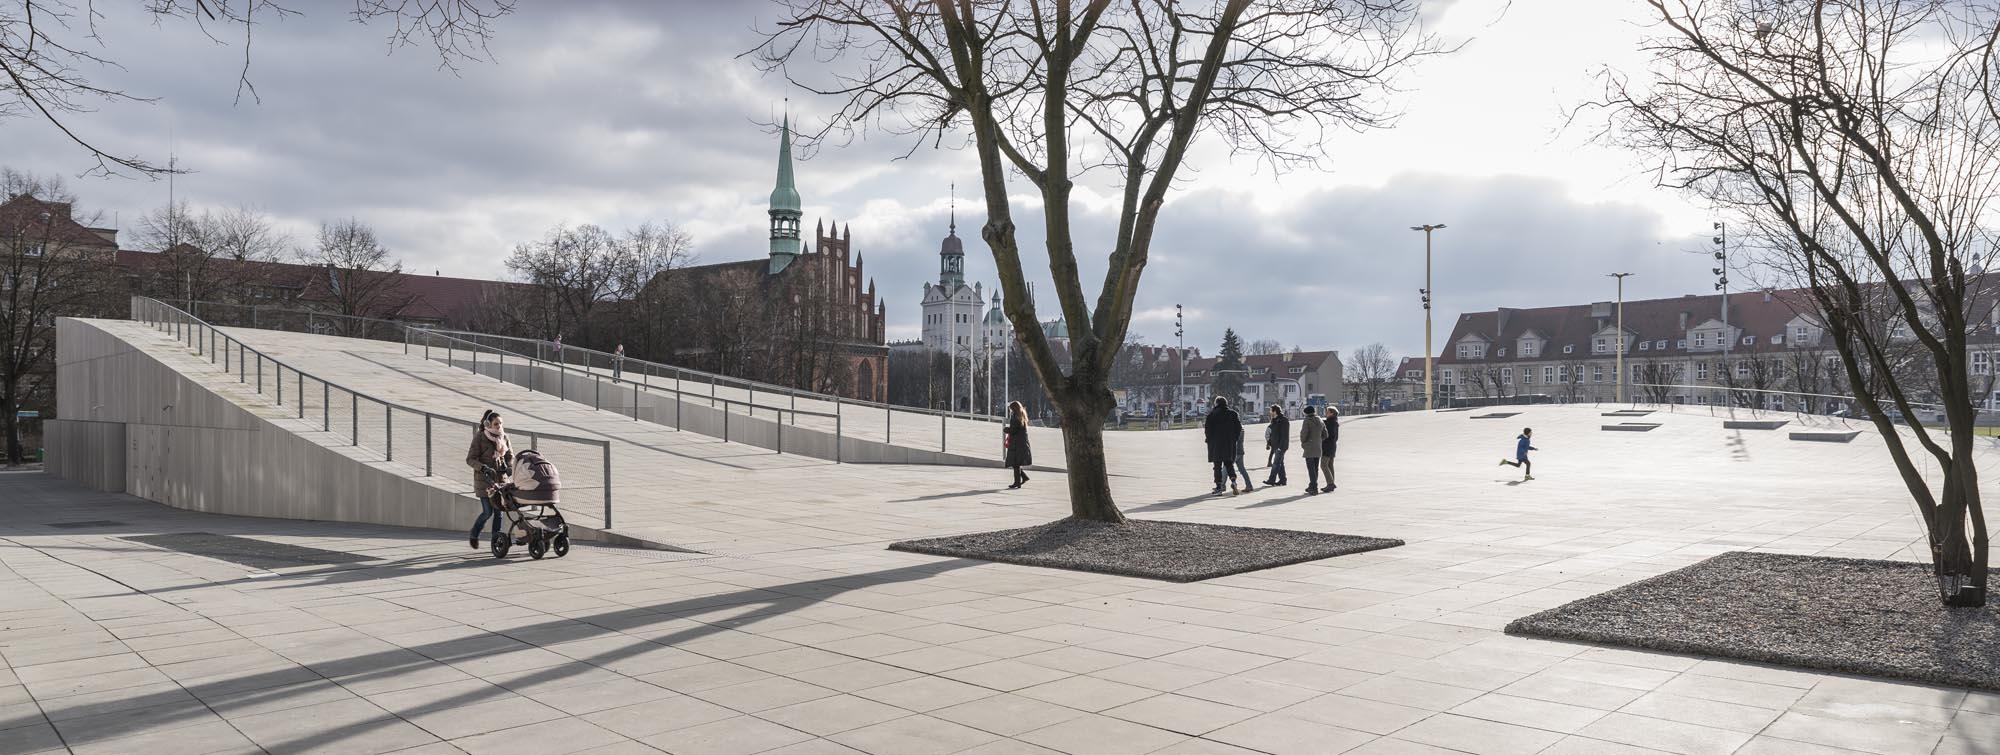 Museo Nacional de Szczecin por Robert Konieczny - KWK Promes . Imagen cortesía de WAF